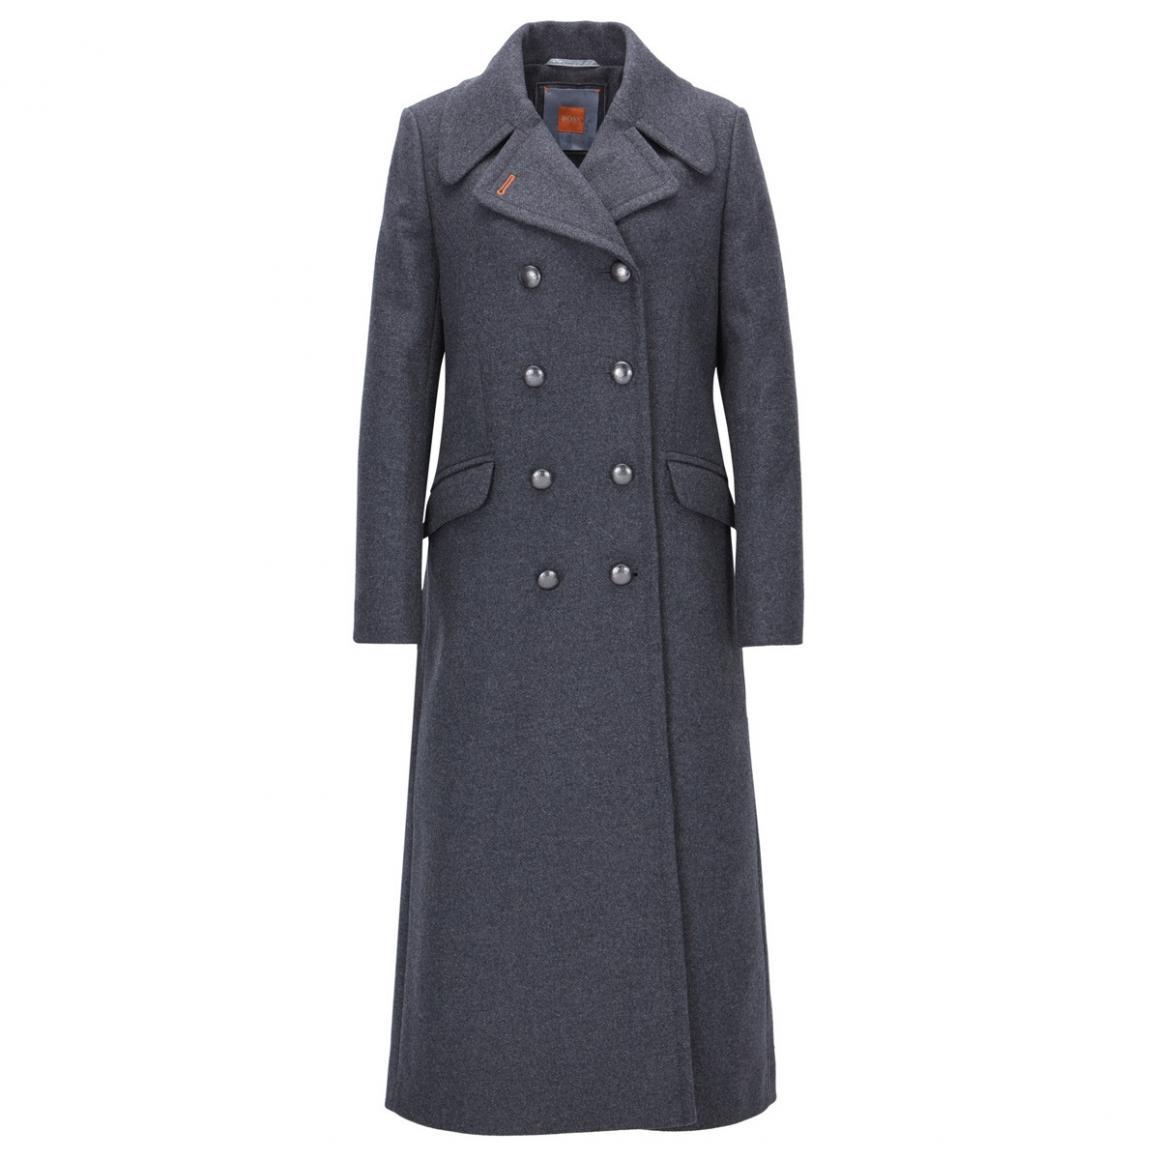 Manteau printemps ete femme